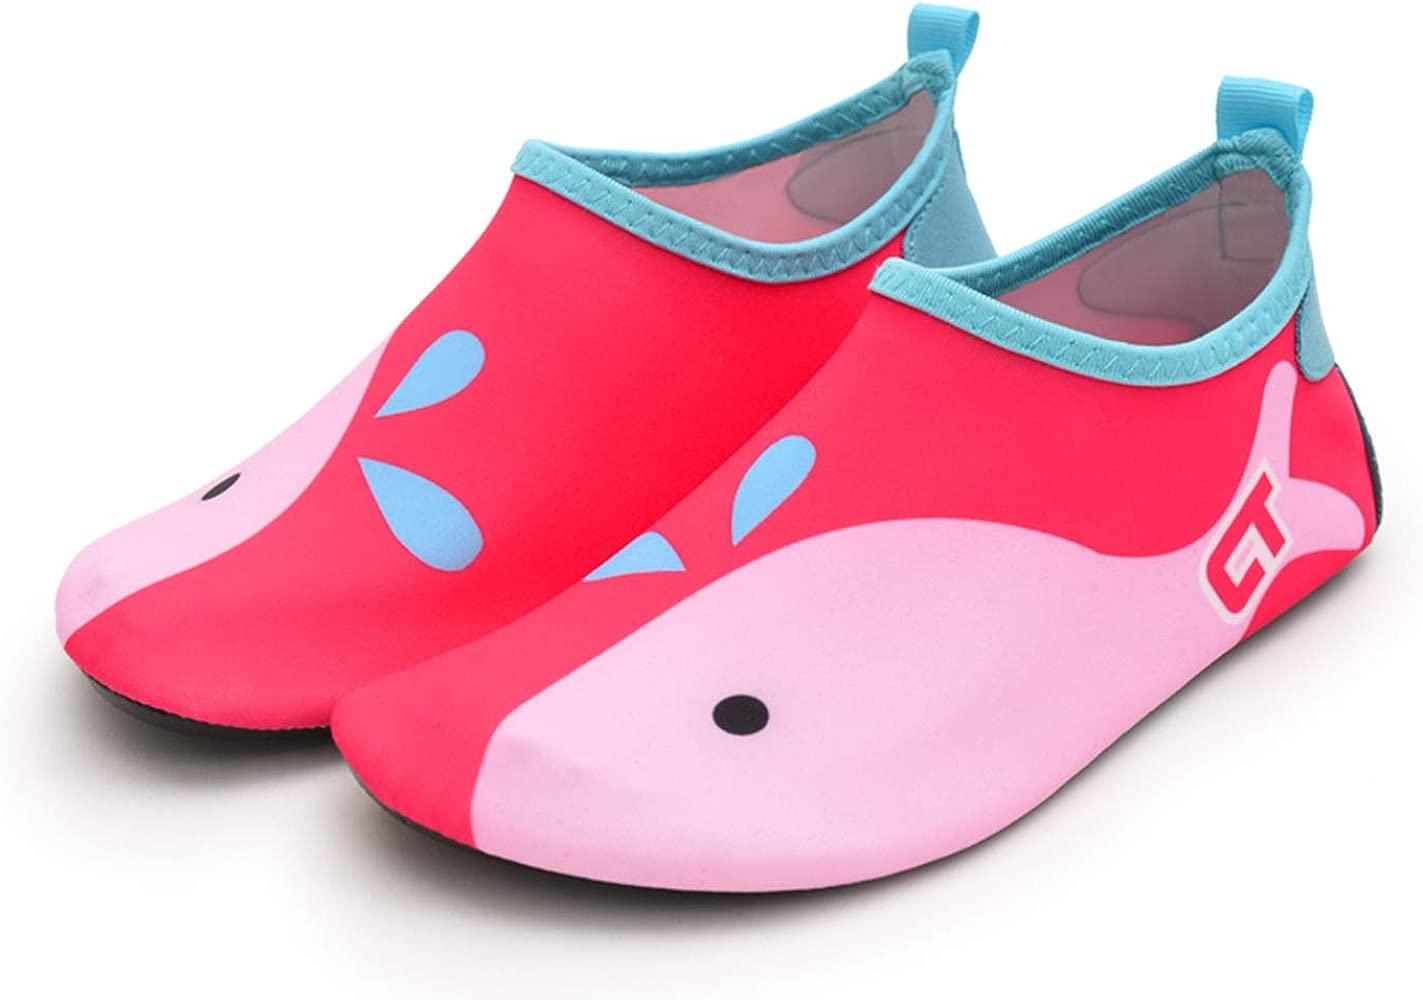 Zapatos para Niño Niña Zapatos de Playa Bebe Zapatillas de Piscina Escarpines Calzado para Agua